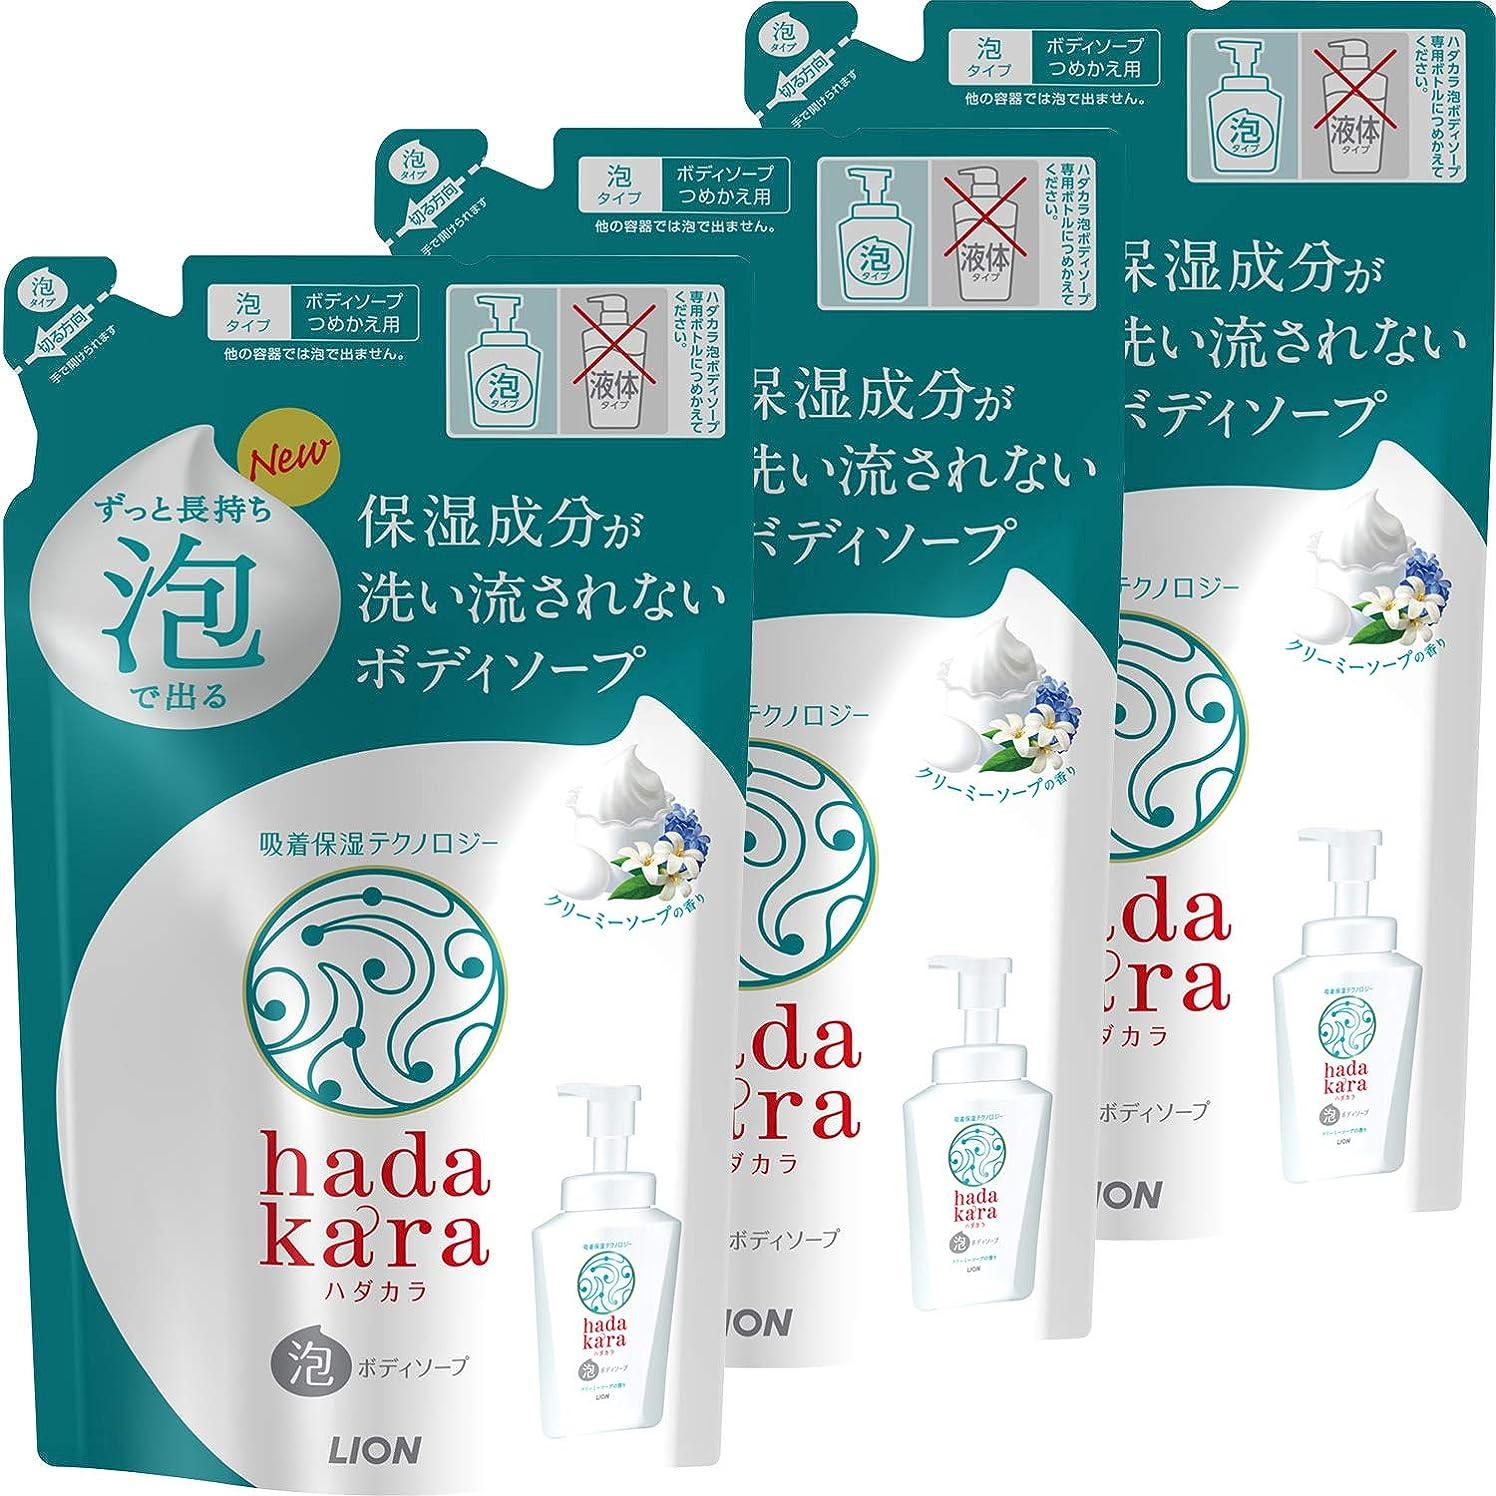 アナウンサー南東受信機hadakara(ハダカラ) ボディソープ 泡タイプ クリーミーソープの香り 詰替440ml×3個